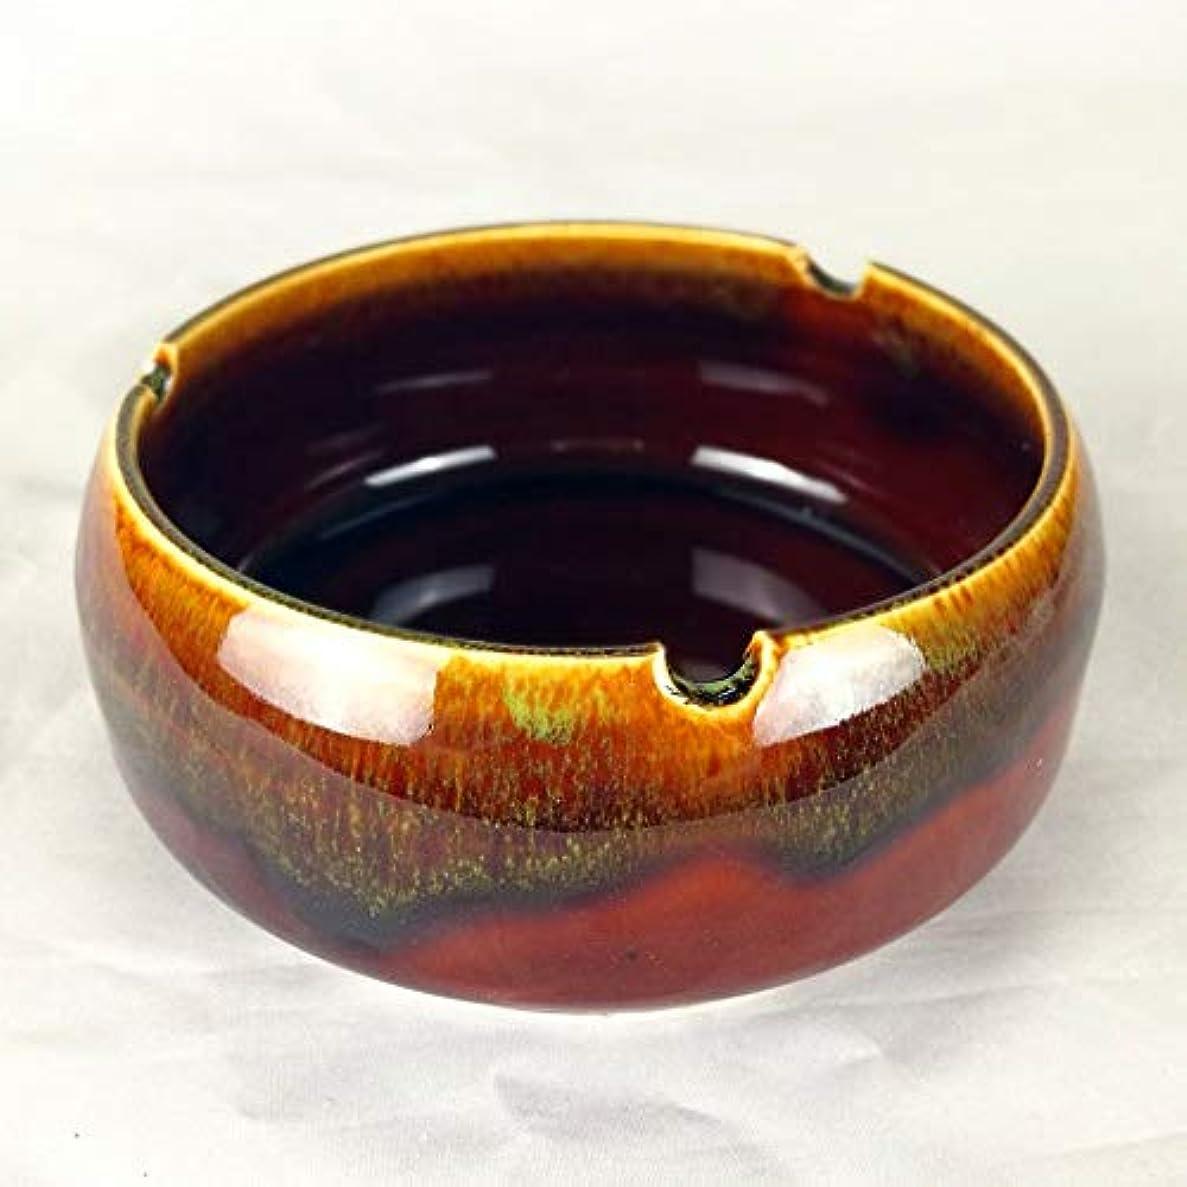 愛情深い勇敢な劣るカバー家の装飾、から選ぶべき4色のタバコの創造的な灰皿のための灰皿 (色 : 褐色)